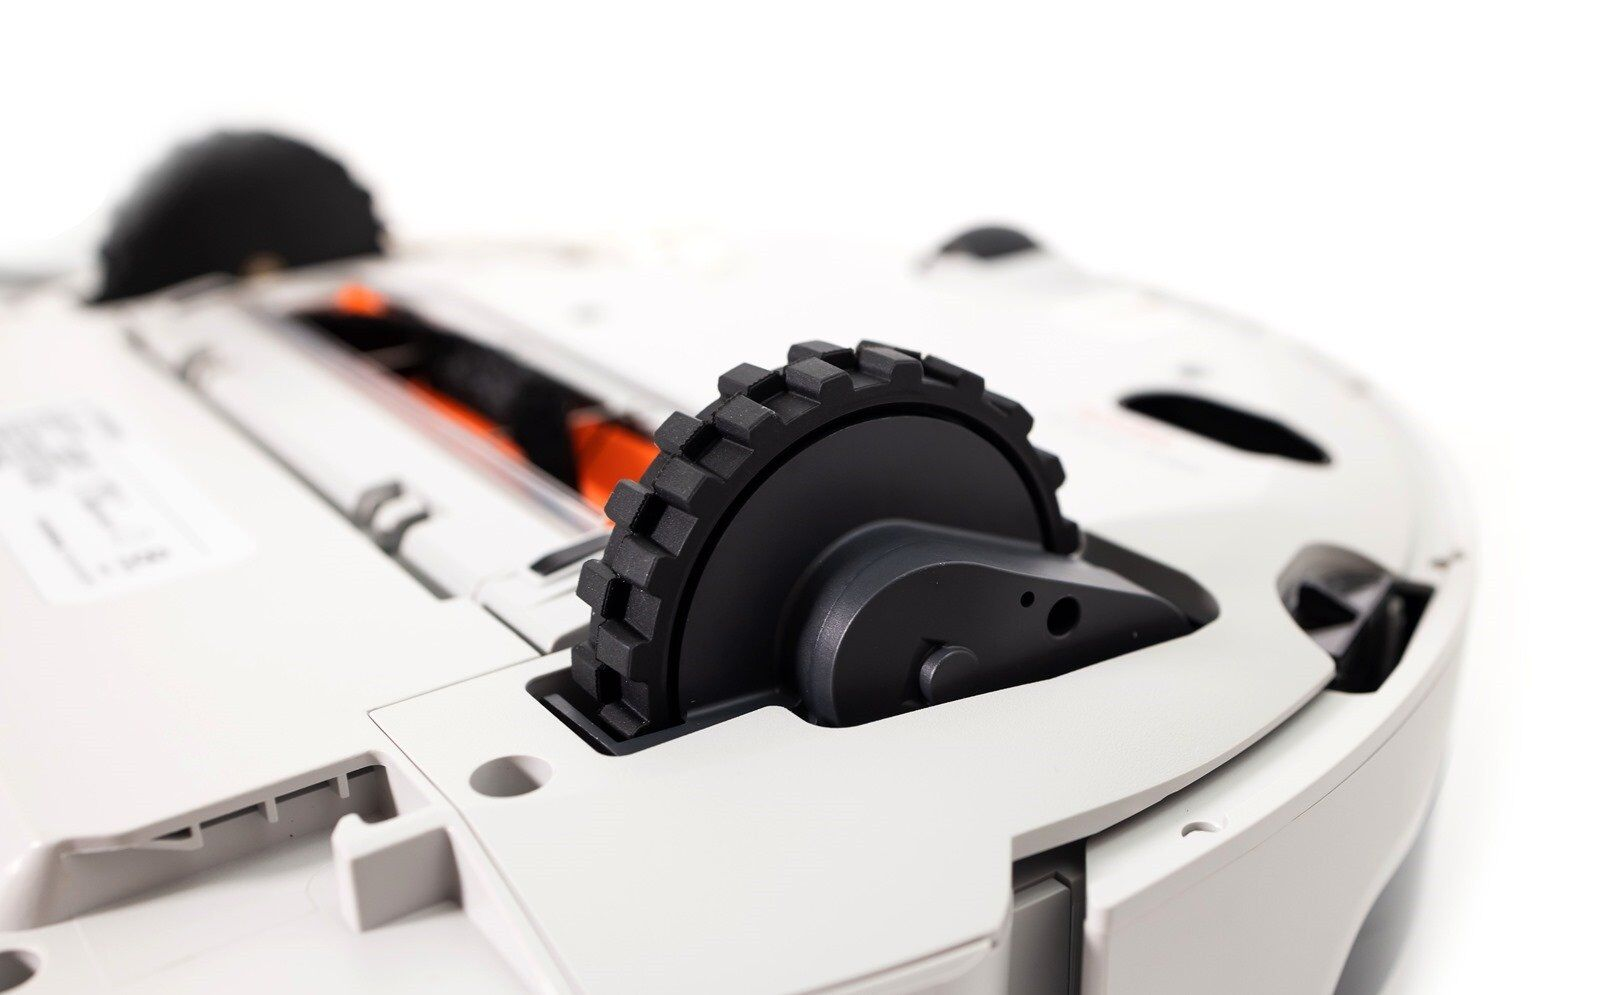 石頭掃地機器人全新平價機種推薦、掃拖合一 Roborock E5 開箱 @3C 達人廖阿輝